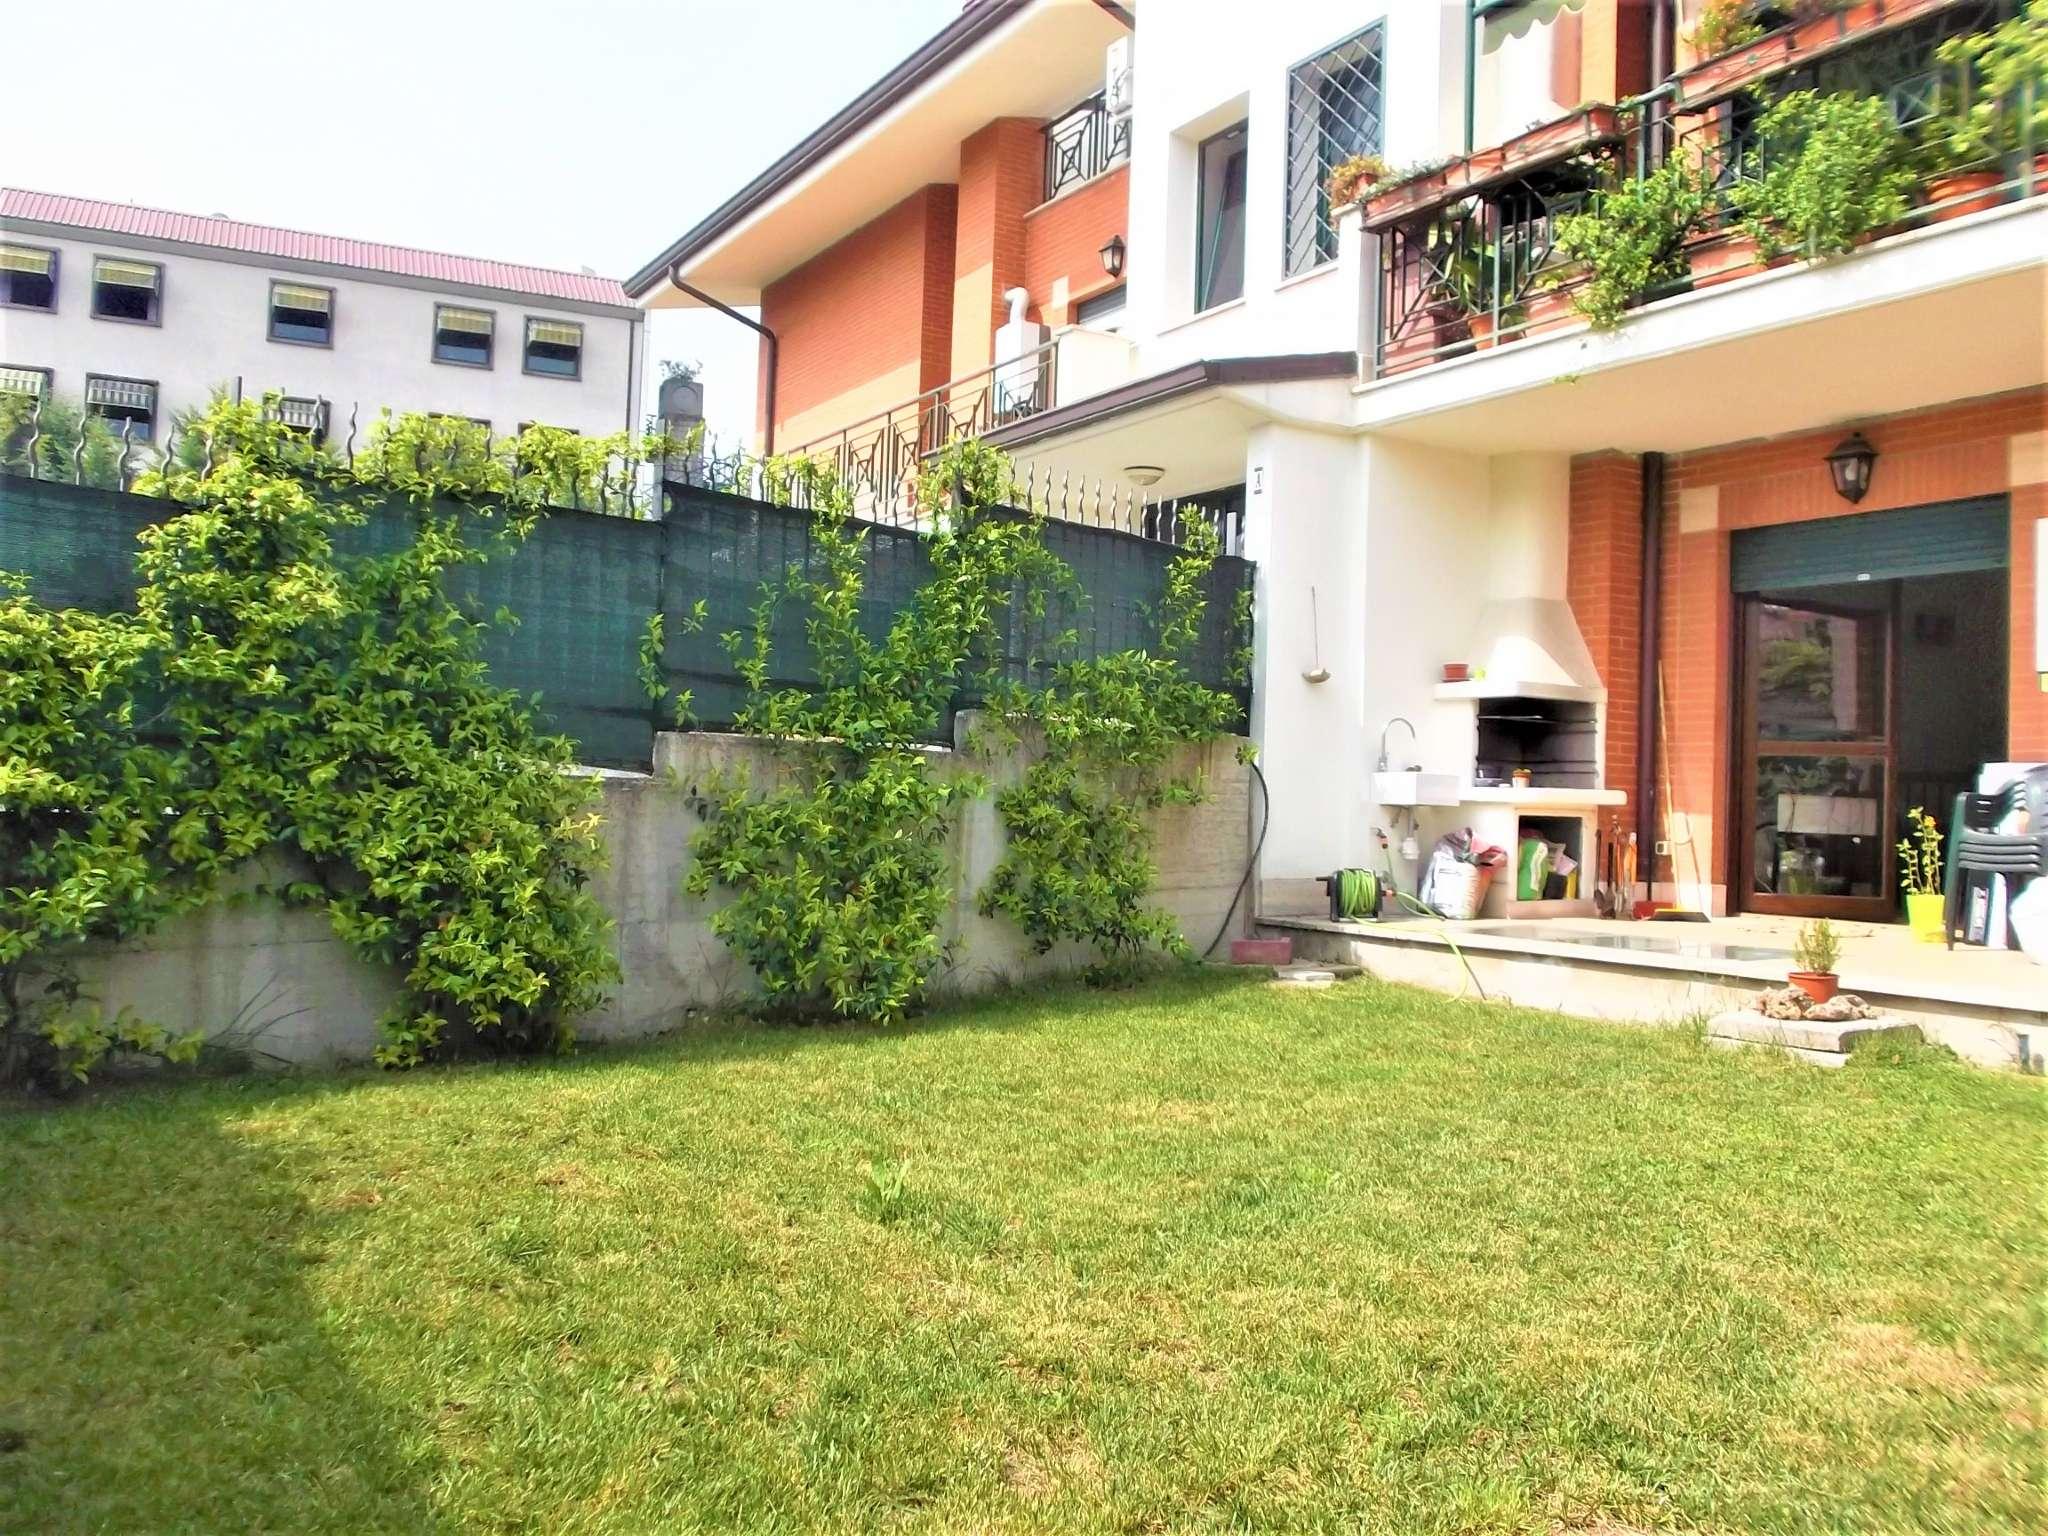 Appartamento in vendita a Fiano Romano, 2 locali, prezzo € 109.000   PortaleAgenzieImmobiliari.it